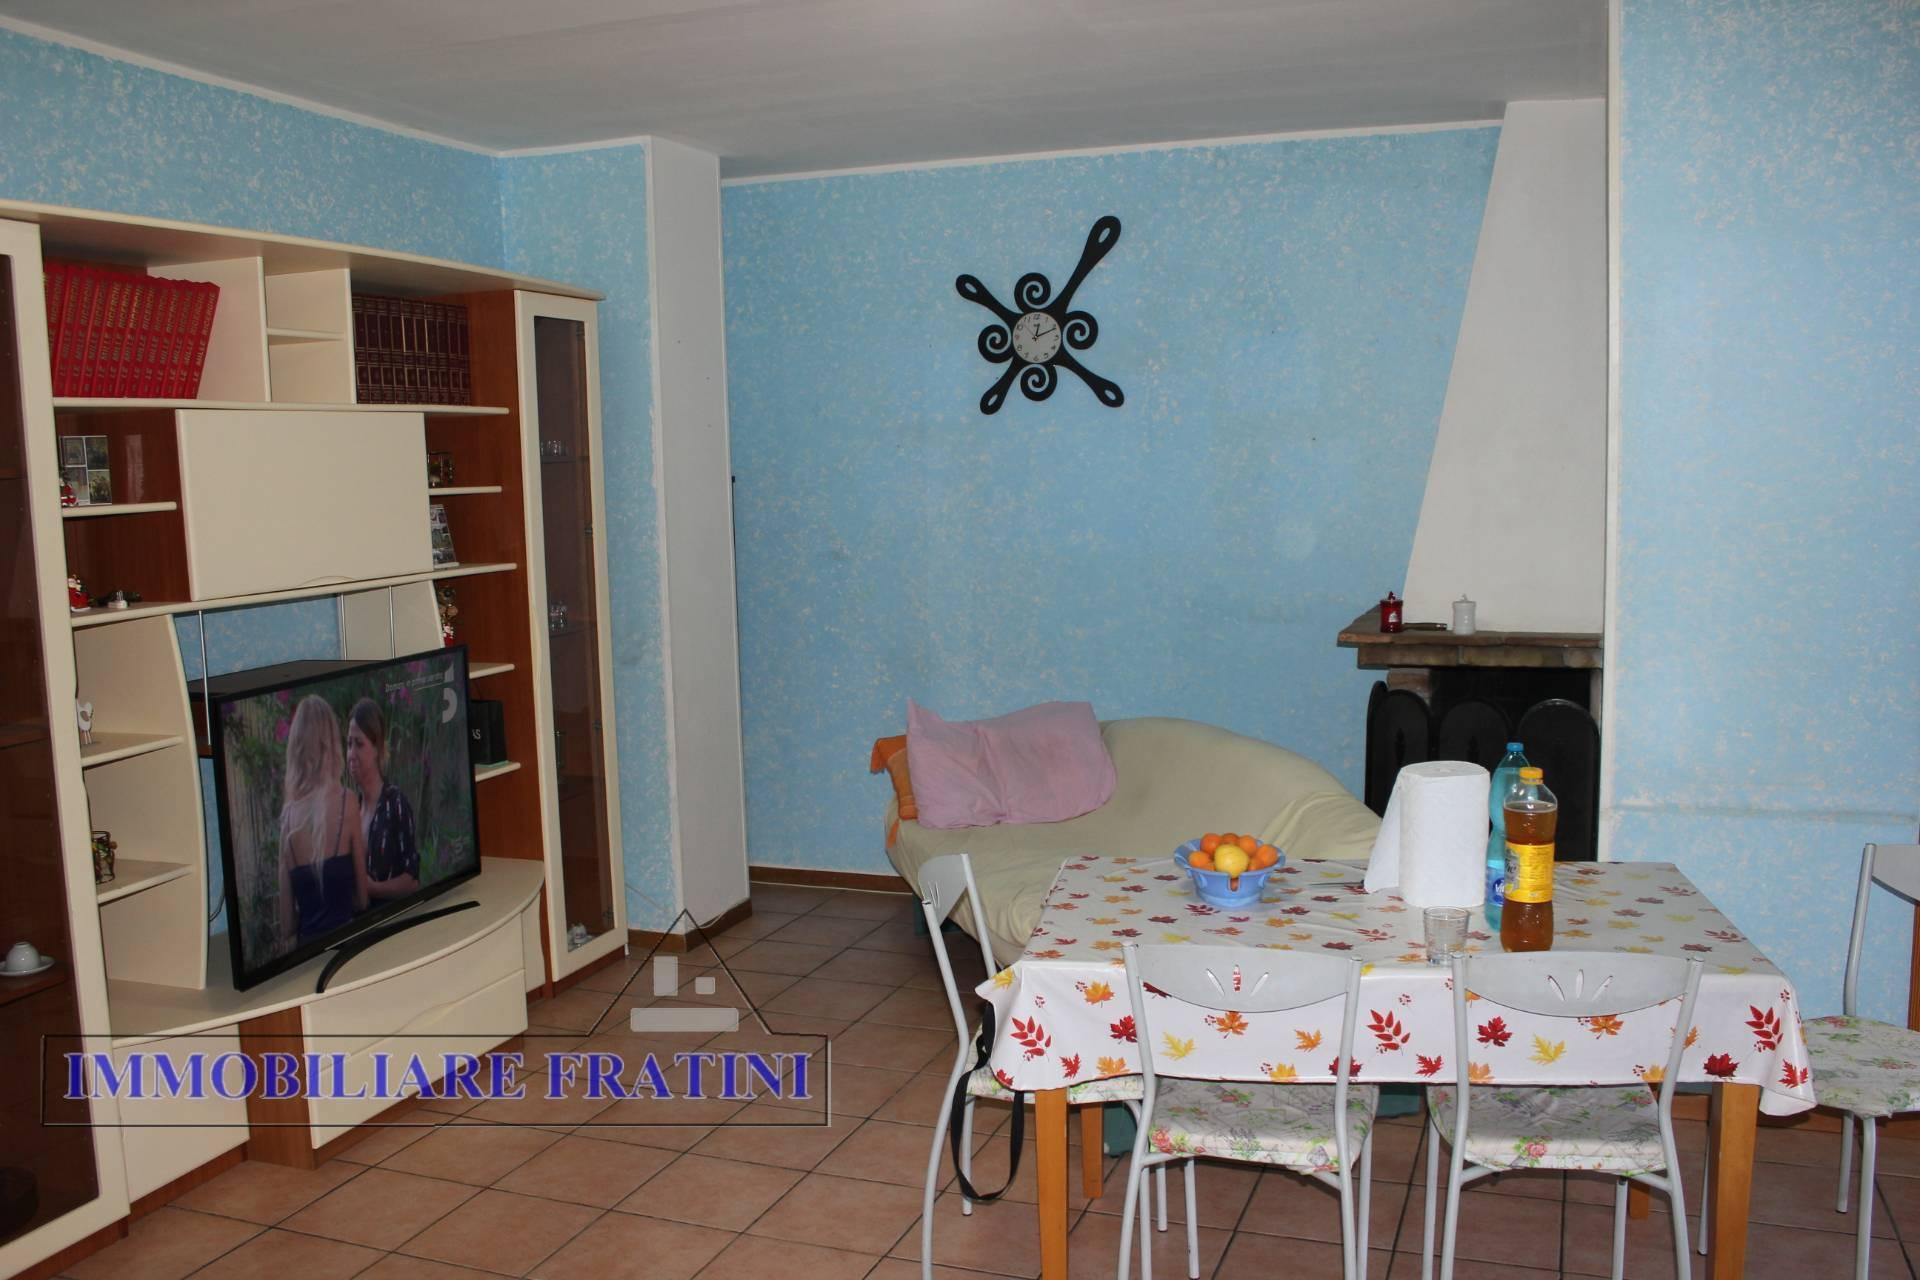 Appartamento in vendita a Folignano, 3 locali, prezzo € 87.000 | PortaleAgenzieImmobiliari.it